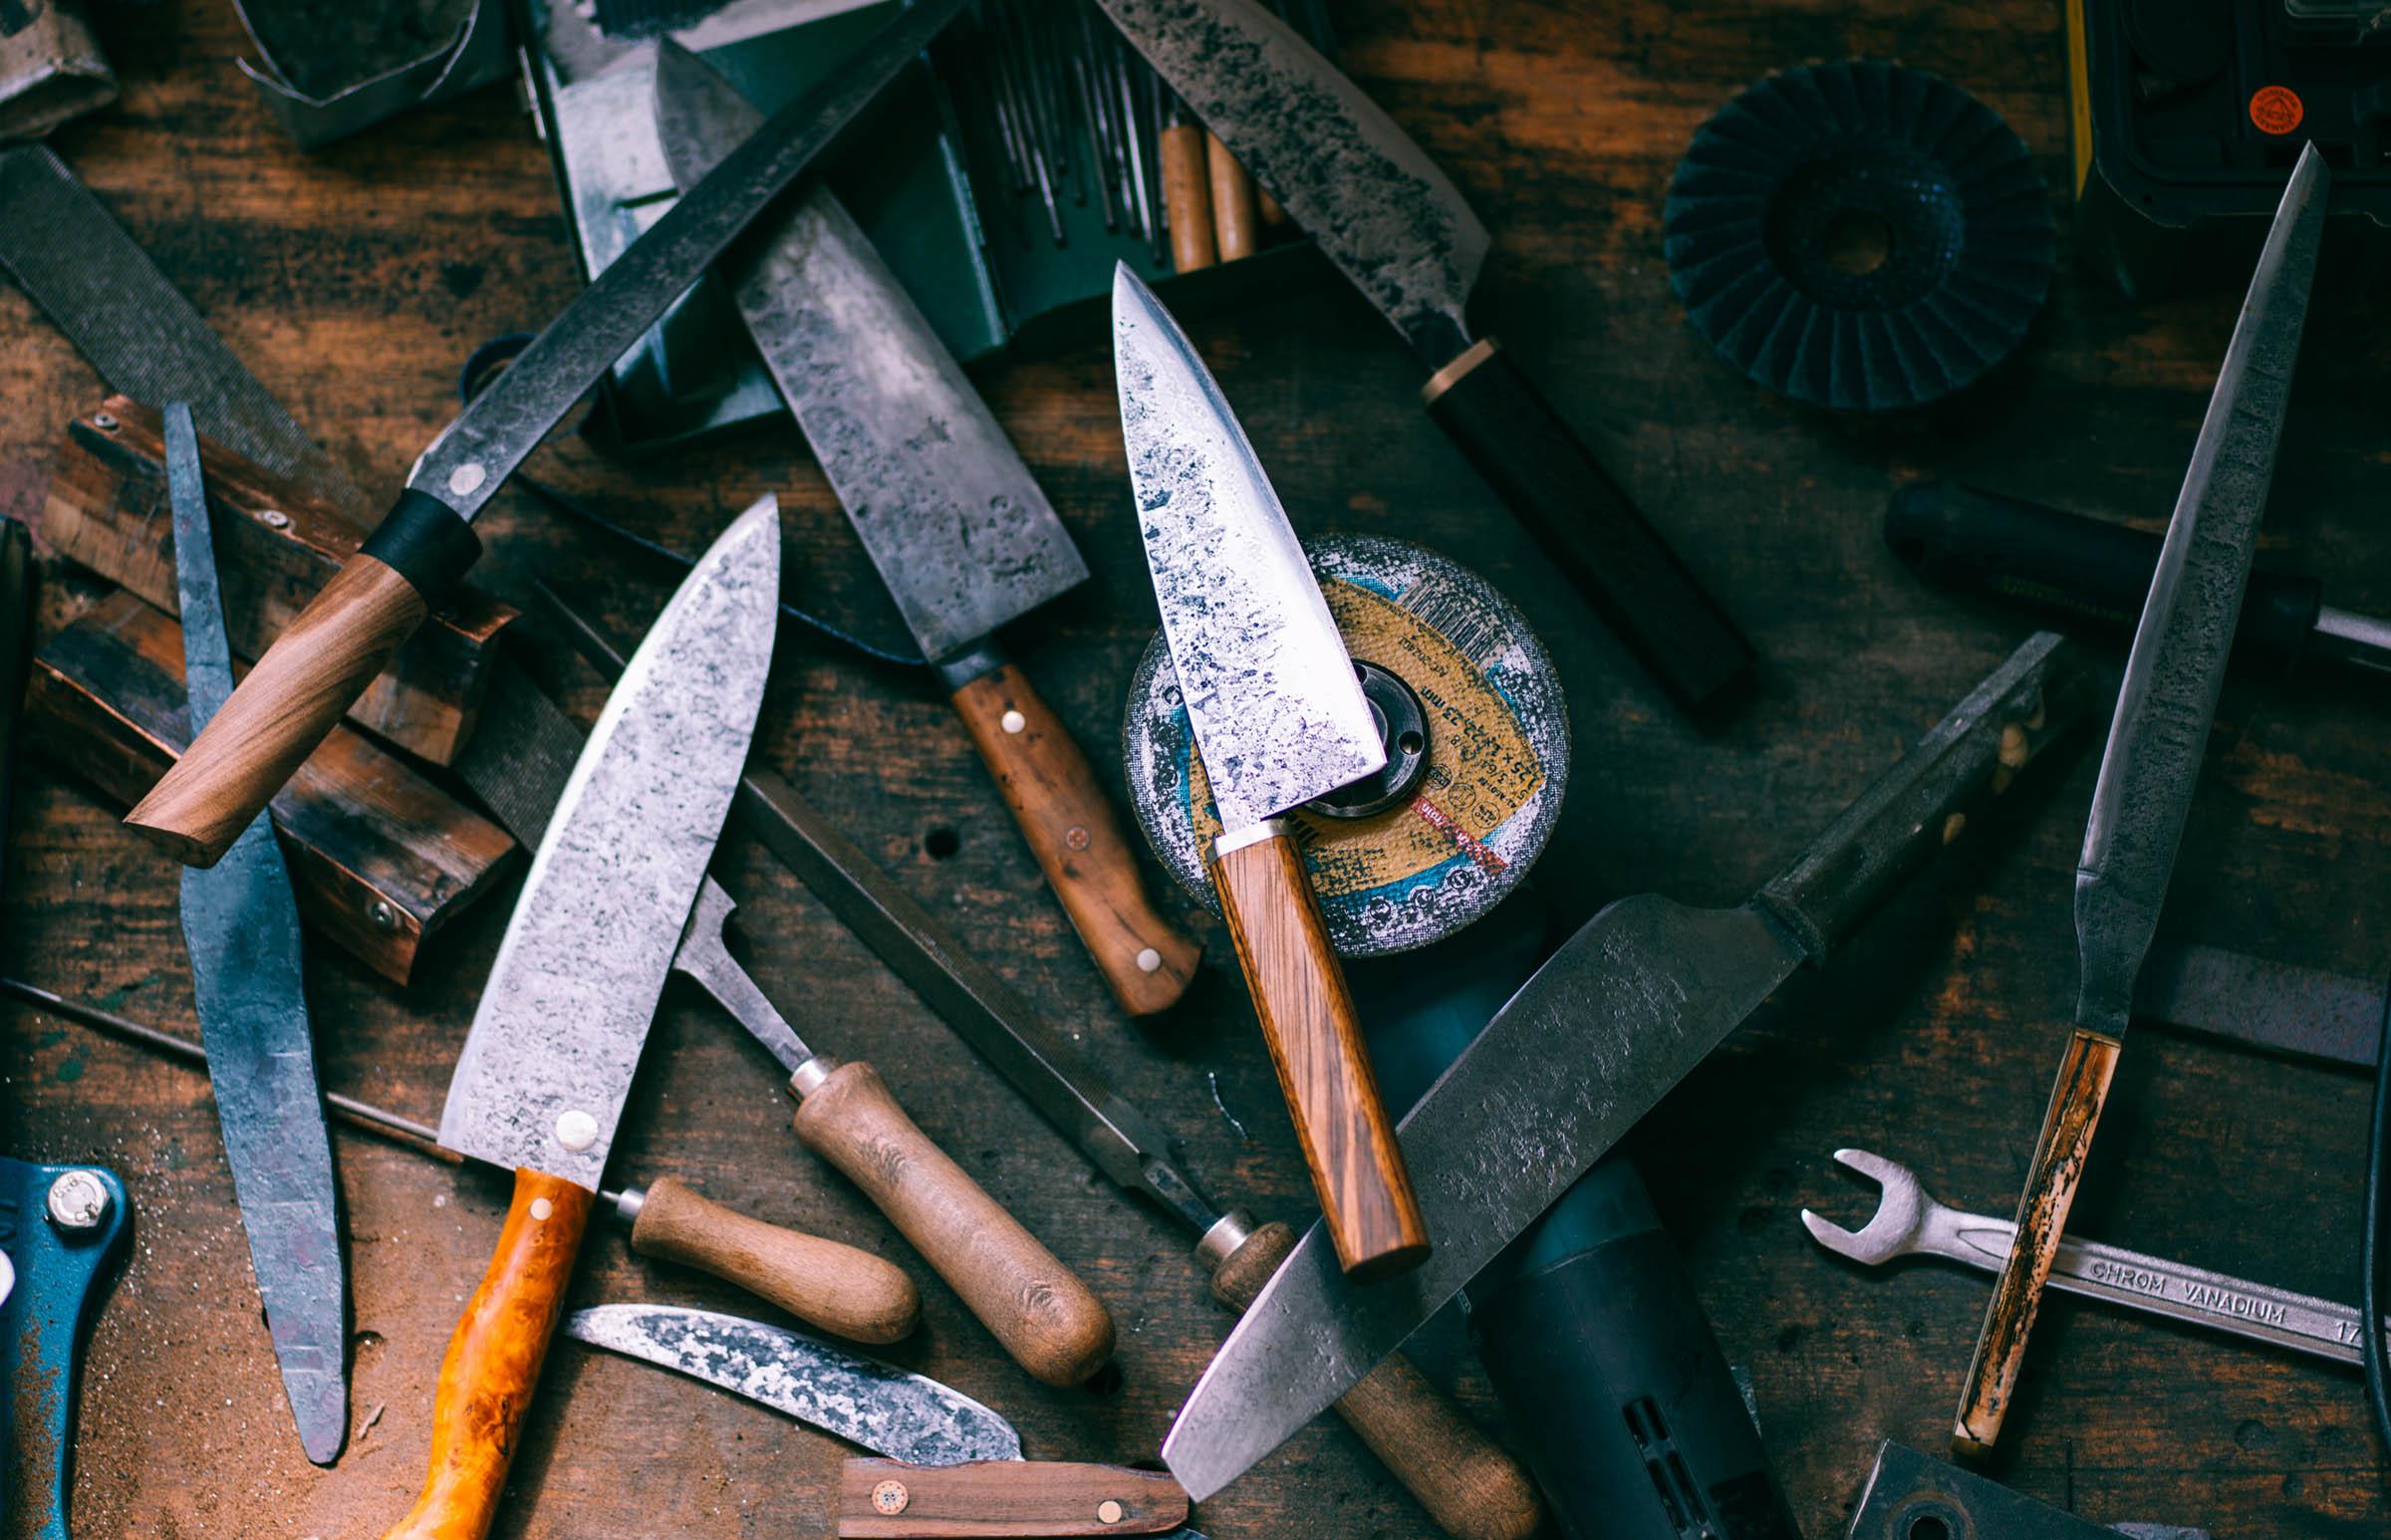 Lieblingsmesser - die Kunst des Messerschmiedens